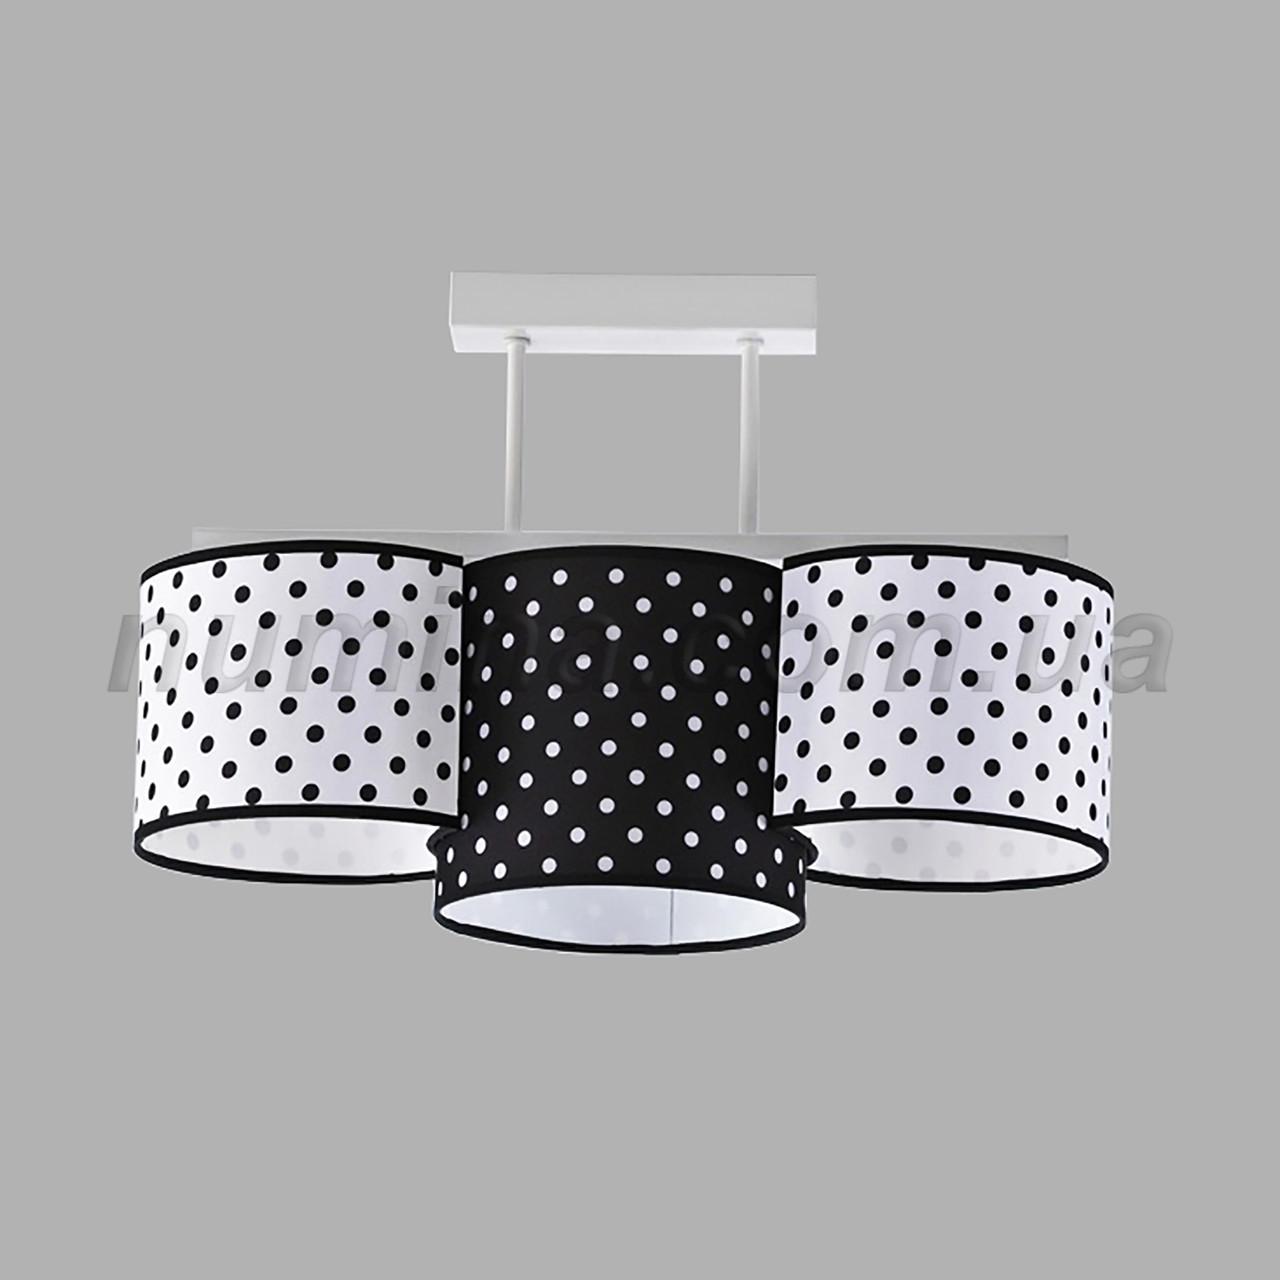 Люстра потолочная на 3 лампы 29-H174/3L WT+MIX